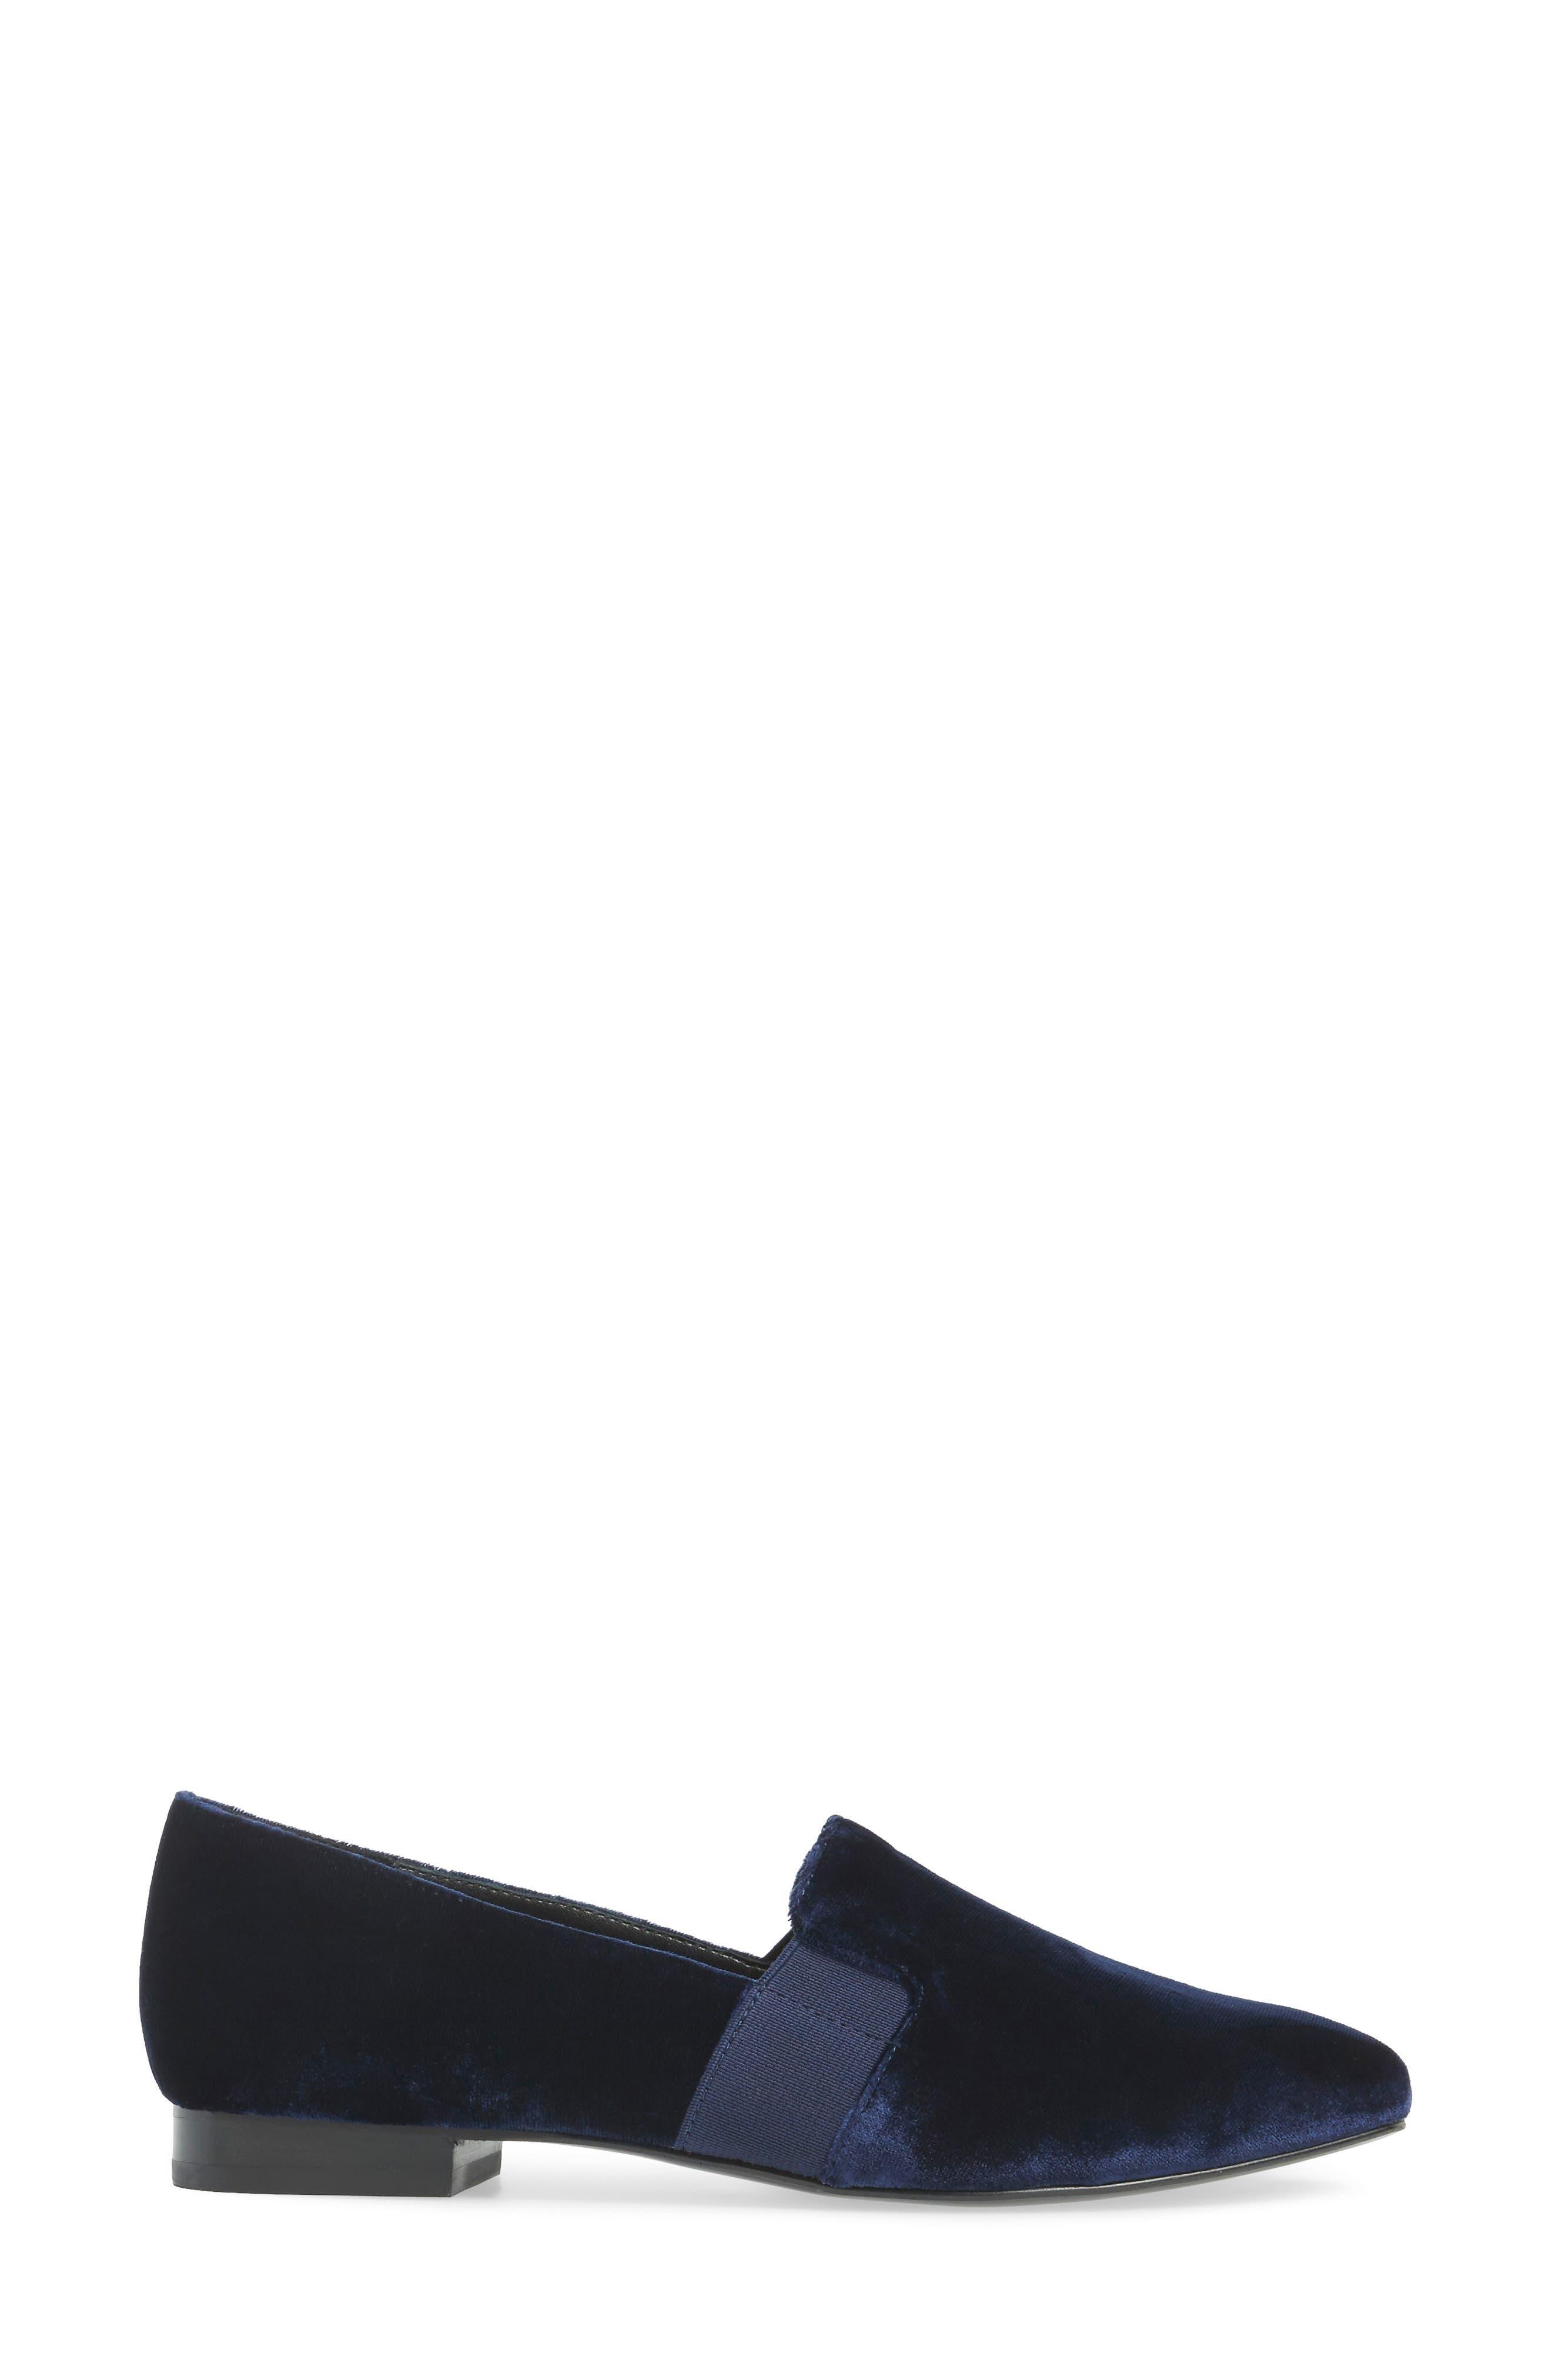 Alternate Image 3  - Pelle Moda Helga 2 Loafer (Women)